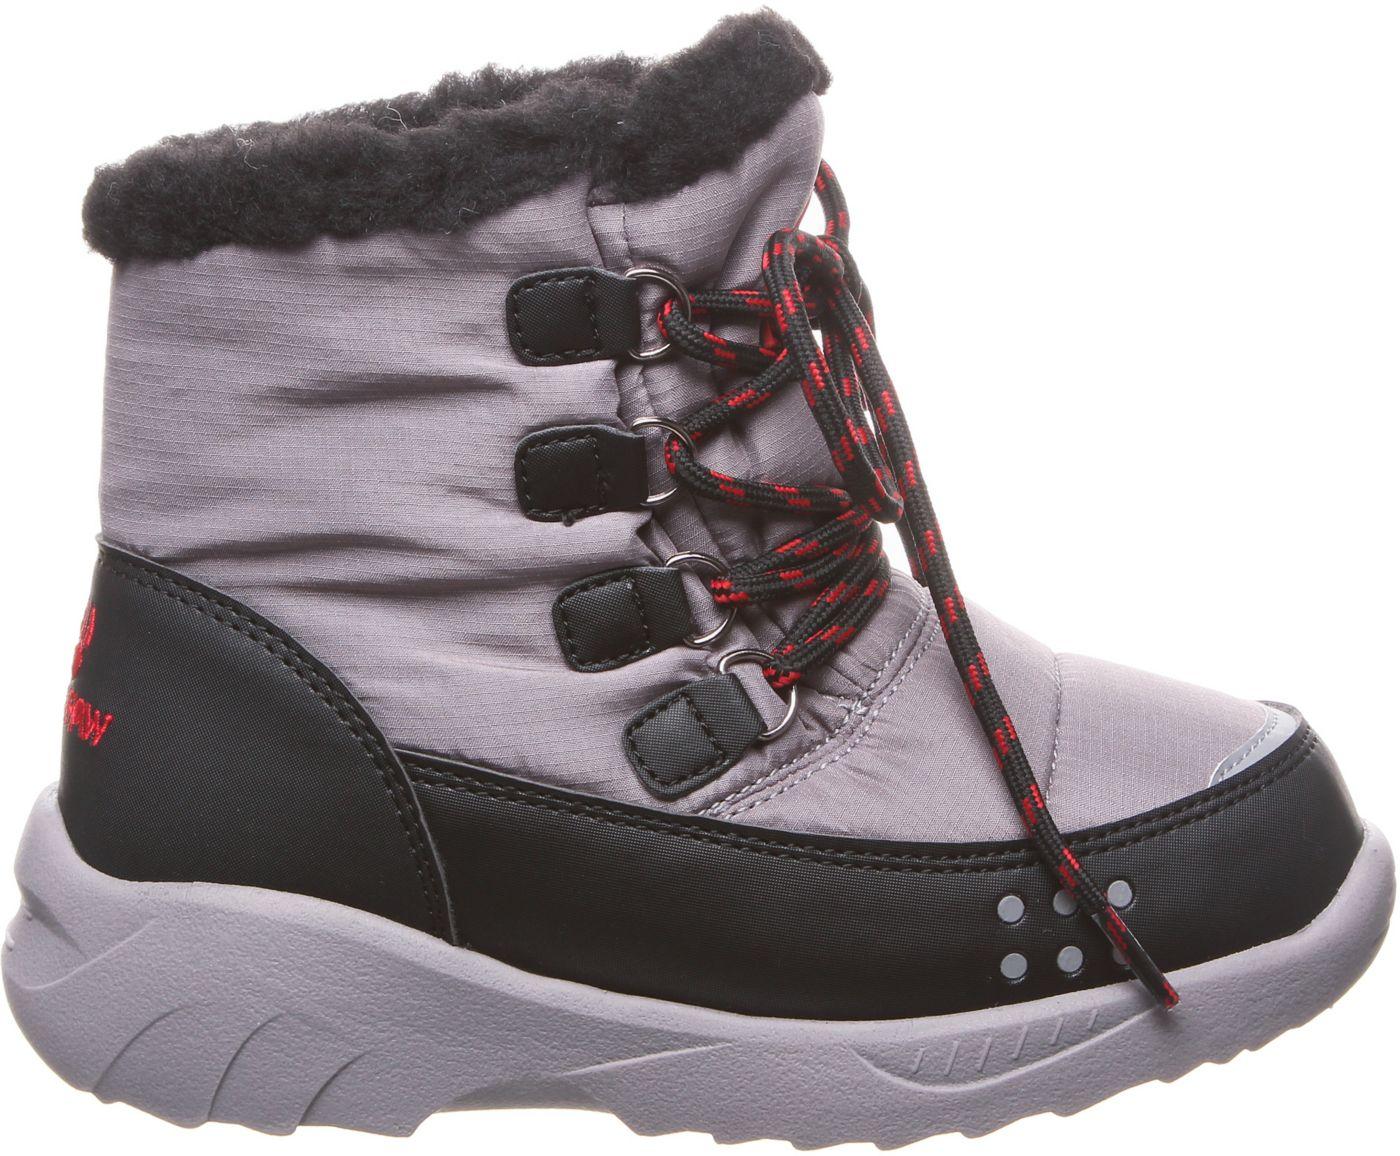 BEARPAW Kids' Tundra Winter Boots